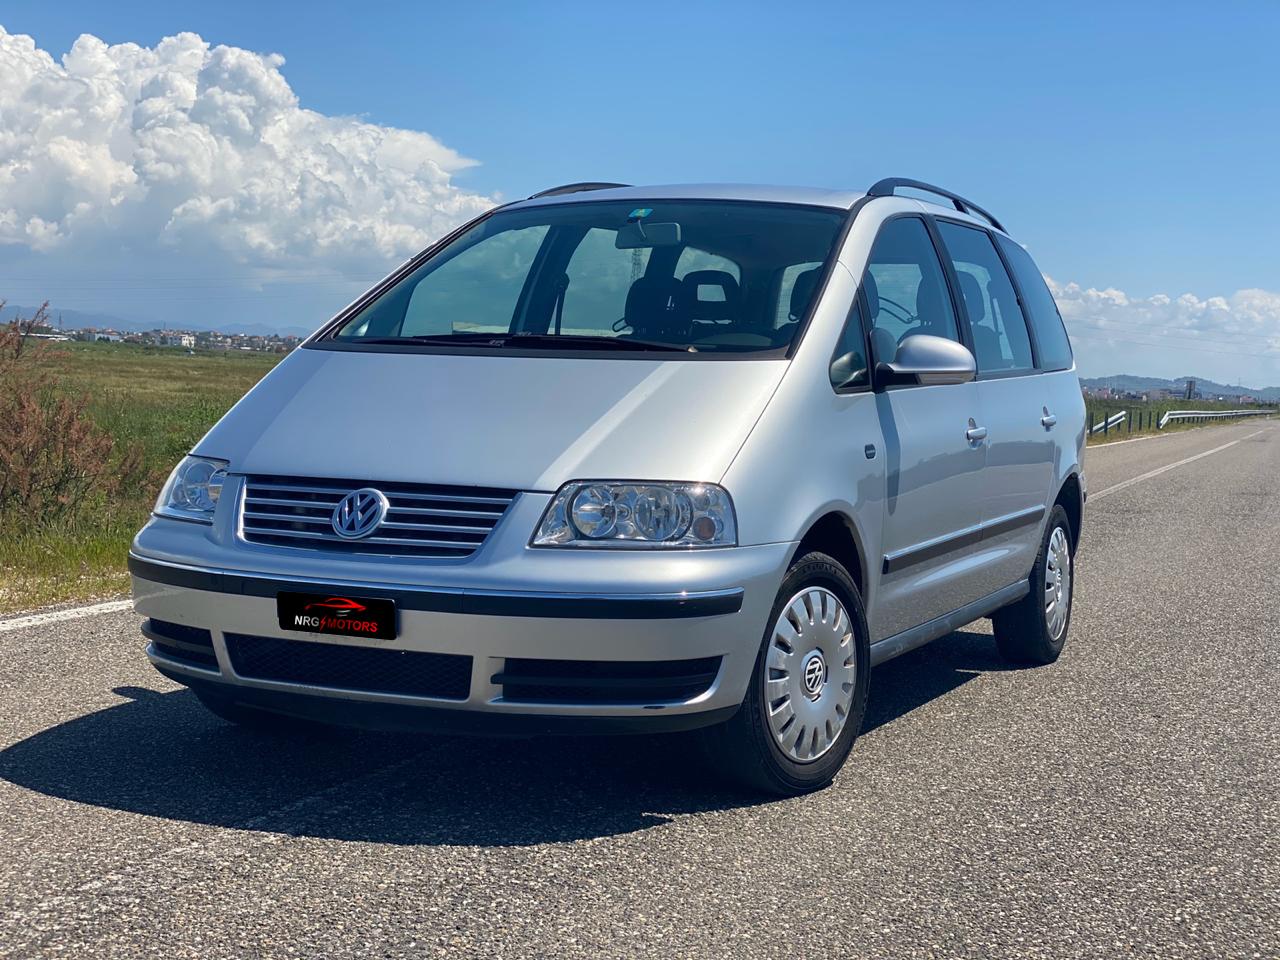 Volkswagen Sharan ne Shitje Durres - Makina eshte ne gjendje perfekte. E sapo ardhur nga Zvicra me doganë të paguar. Mund të bëhet me gas 100% - NRG Motors